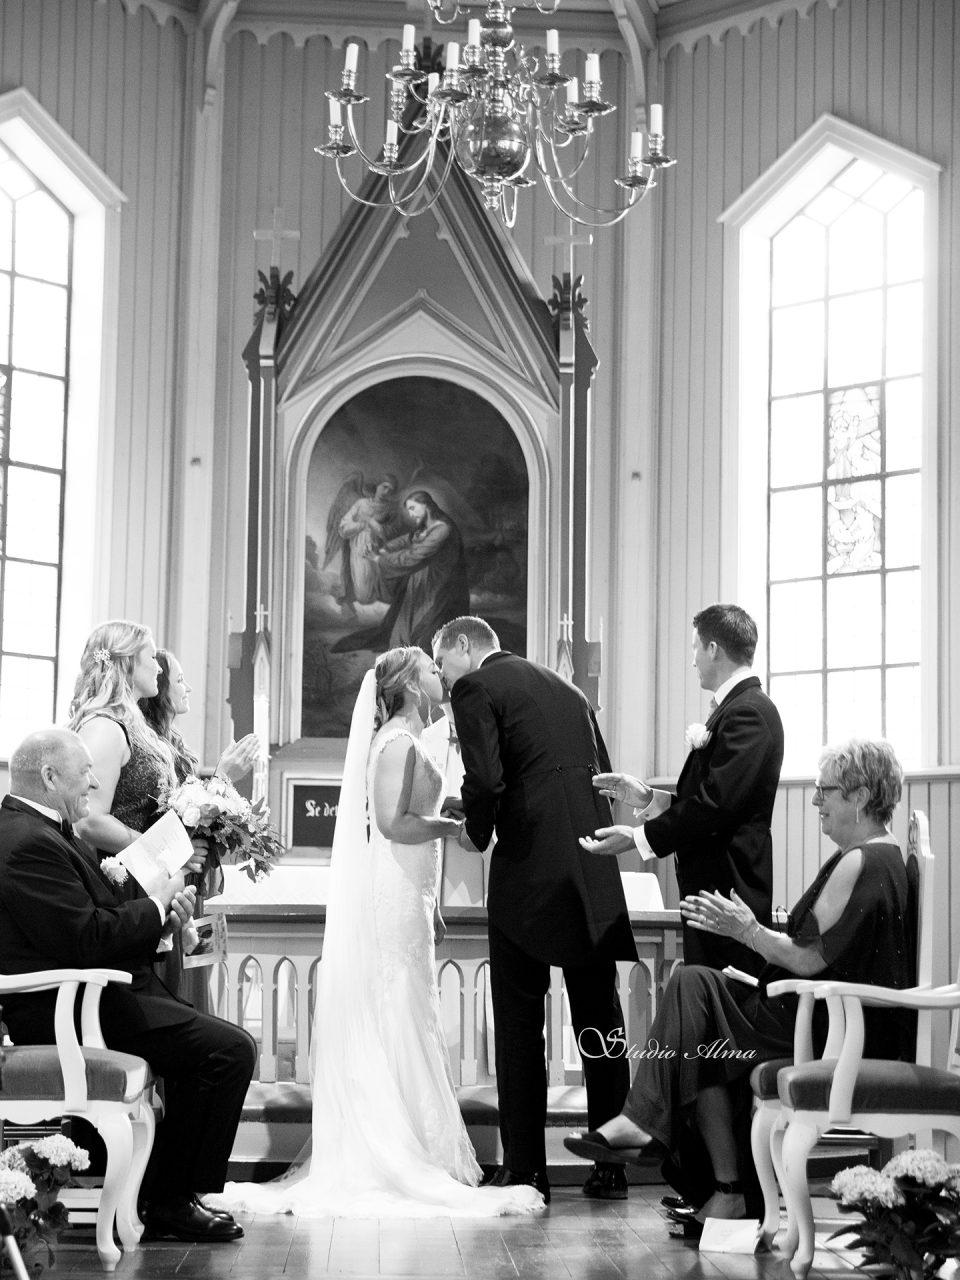 brudepar-bryllup-fotograf-studioalma